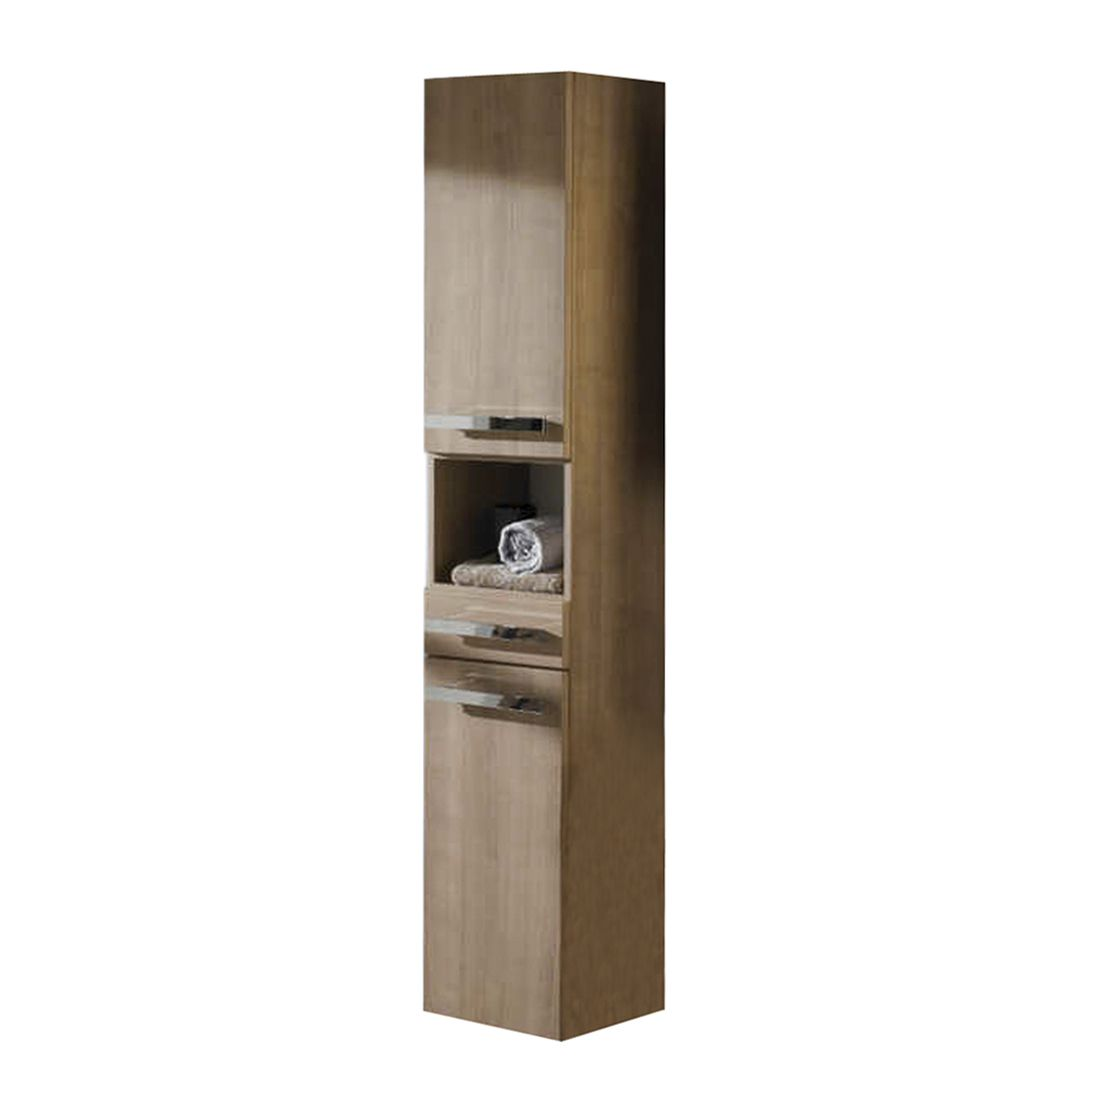 Badezimmer Hochschrank Turin | Hochschrank Diana Badezimmer ...